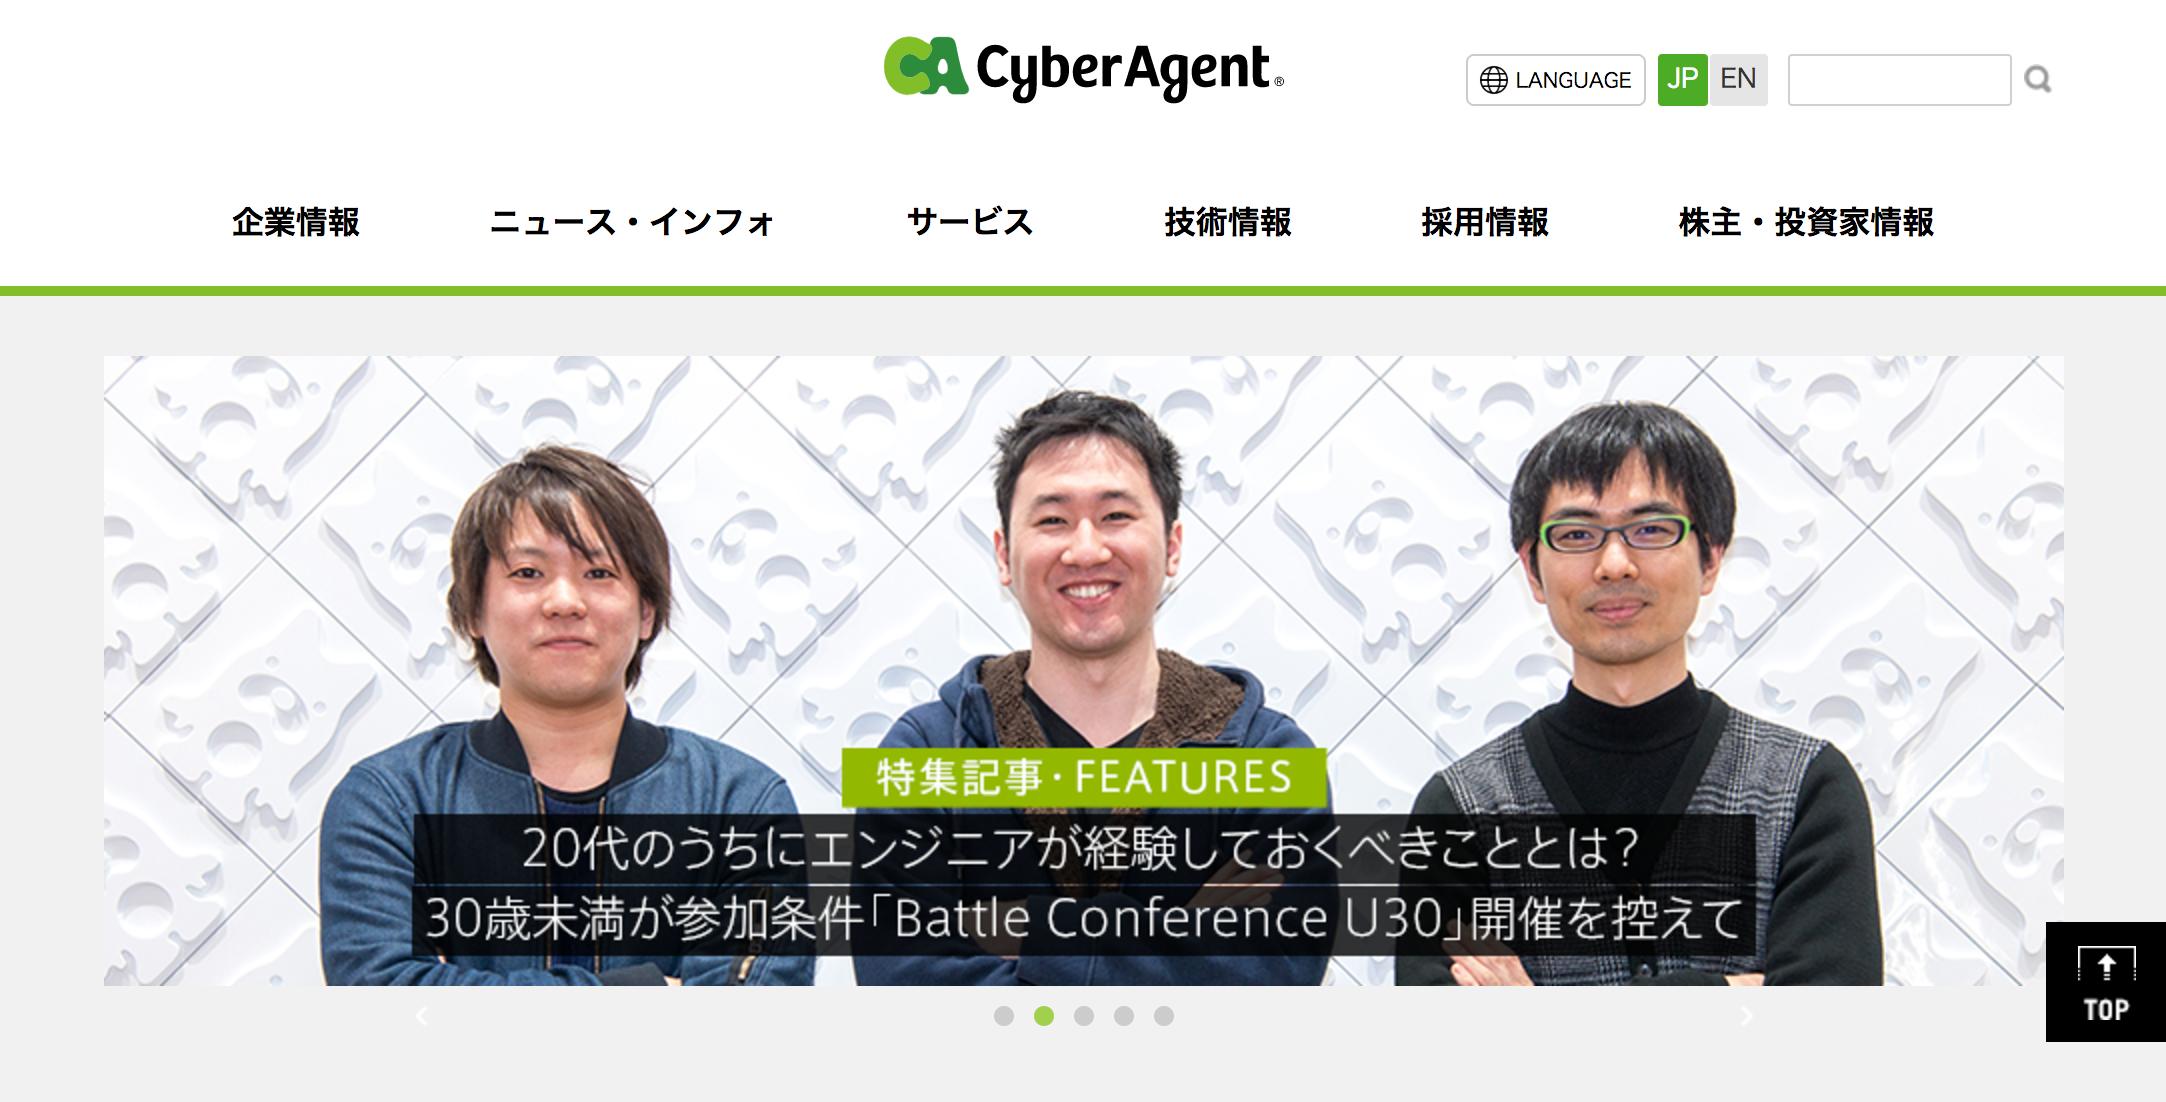 FireShot Capture 276 - 株式会社サイバーエージェント - https___www.cyberagent.co.jp_